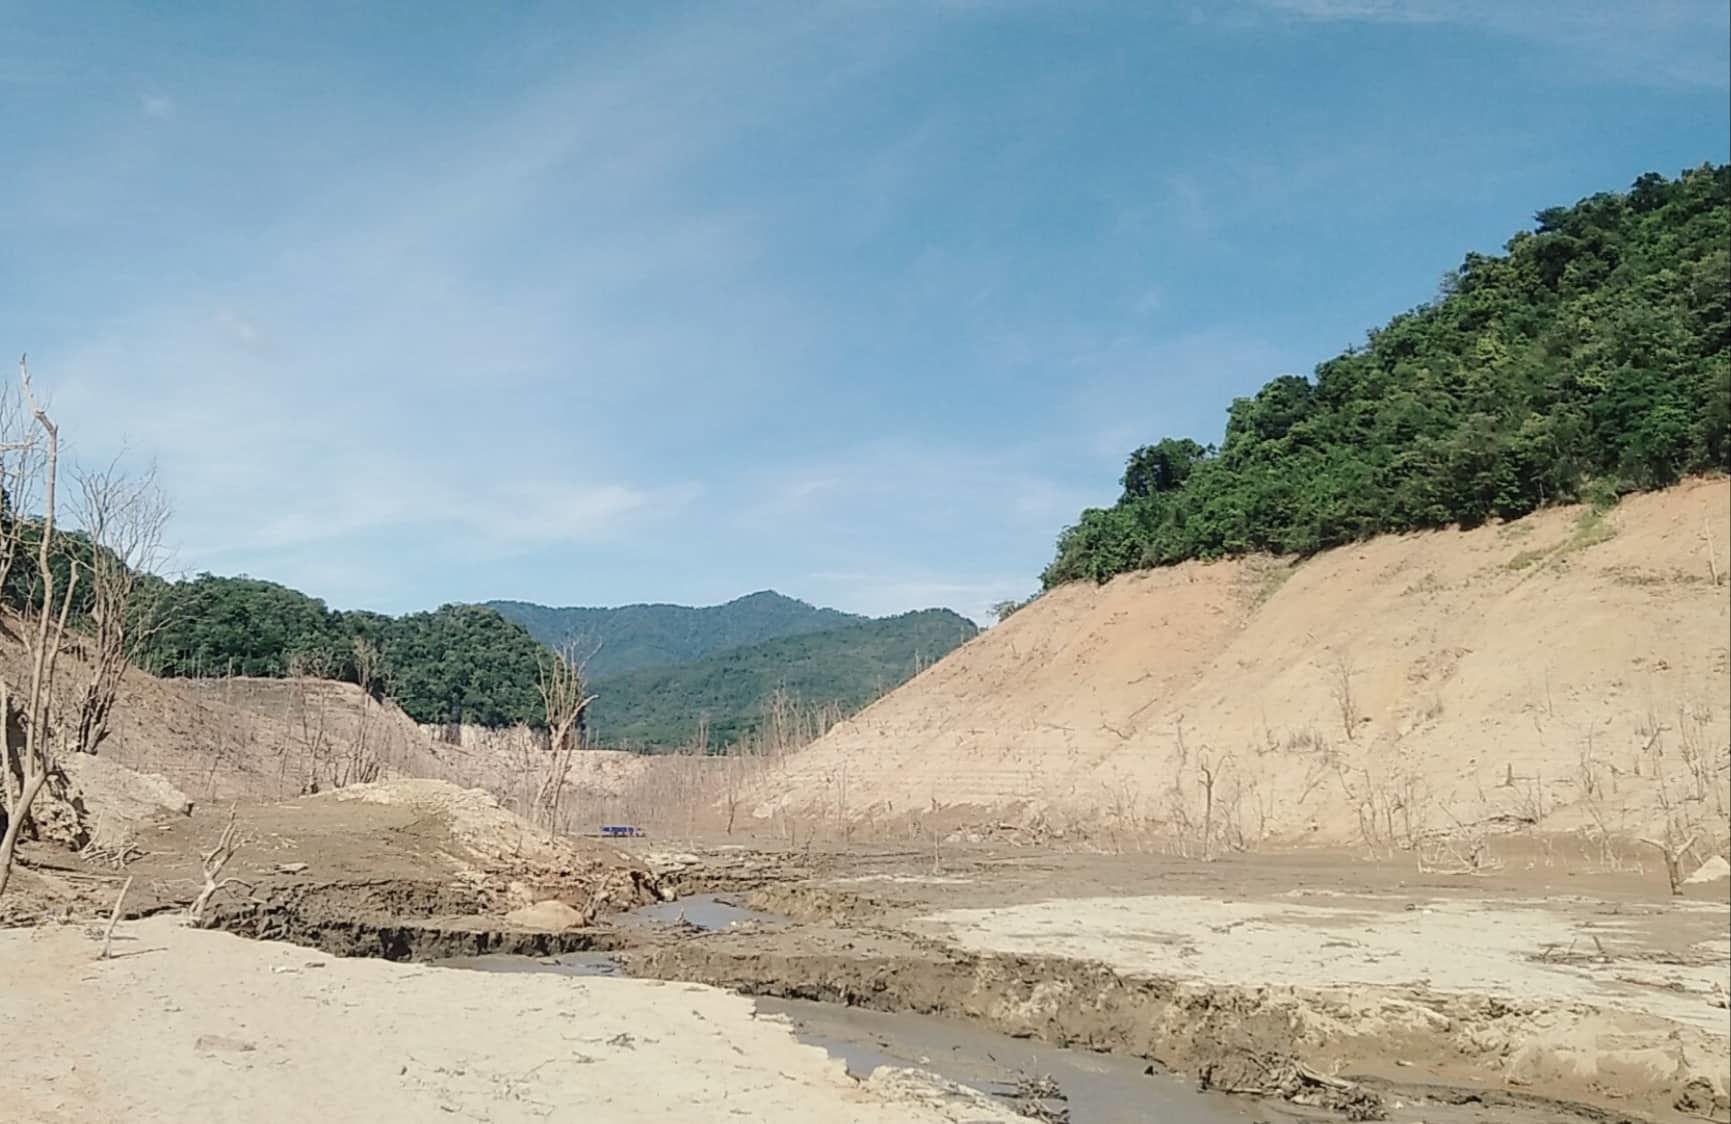 Hồ thủy điện lớn bậc nhất Bắc Miền Trung cạn trơ đáy, hoang tàn như